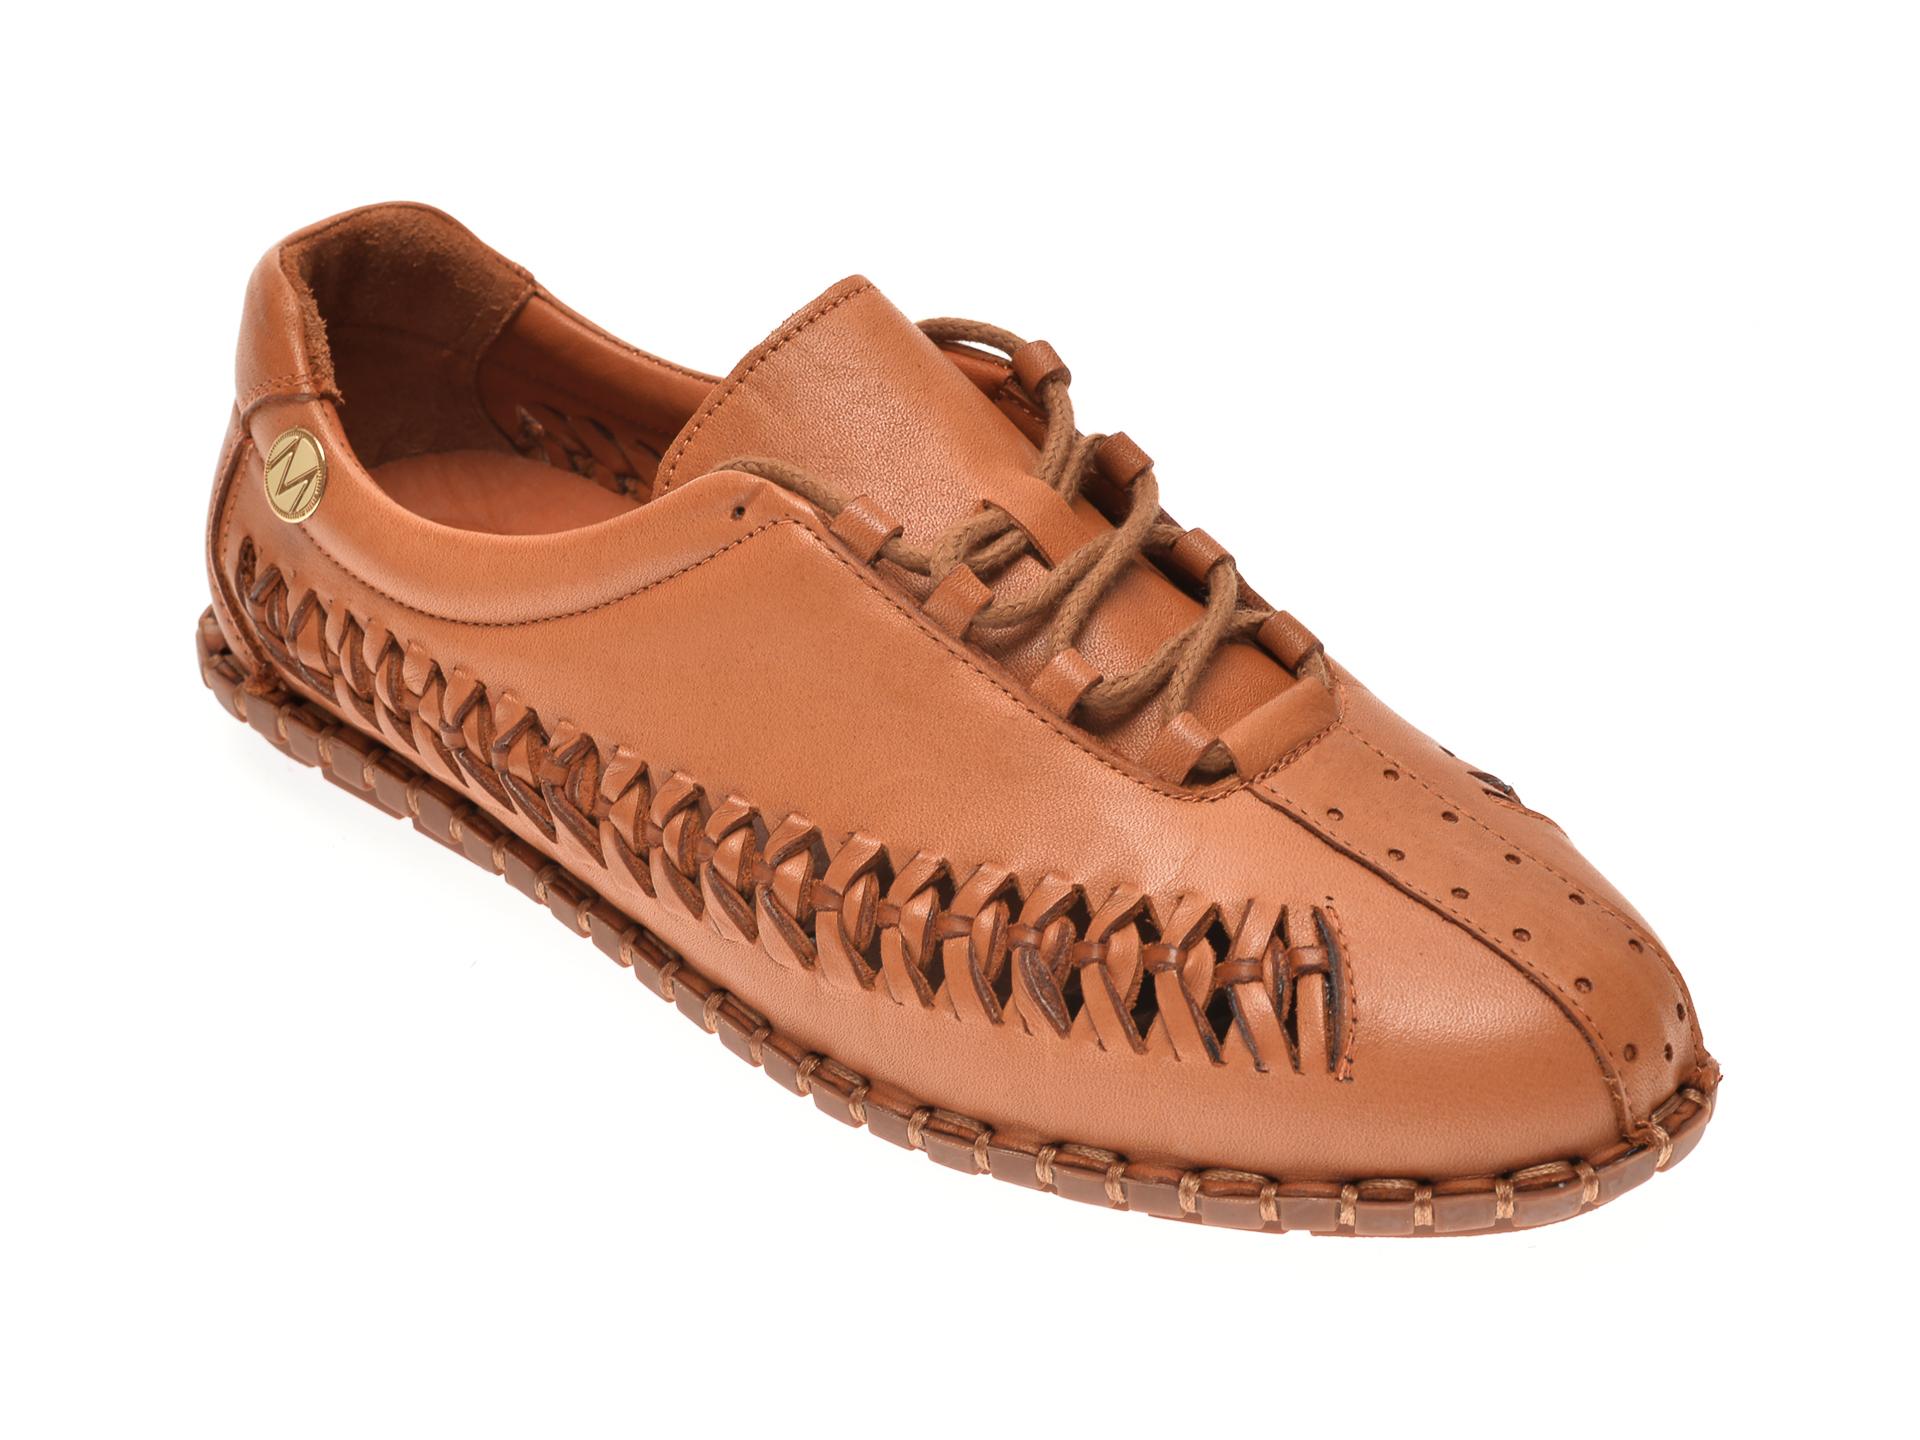 Pantofi MESSIMODA maro, 20Y2925, din piele naturala